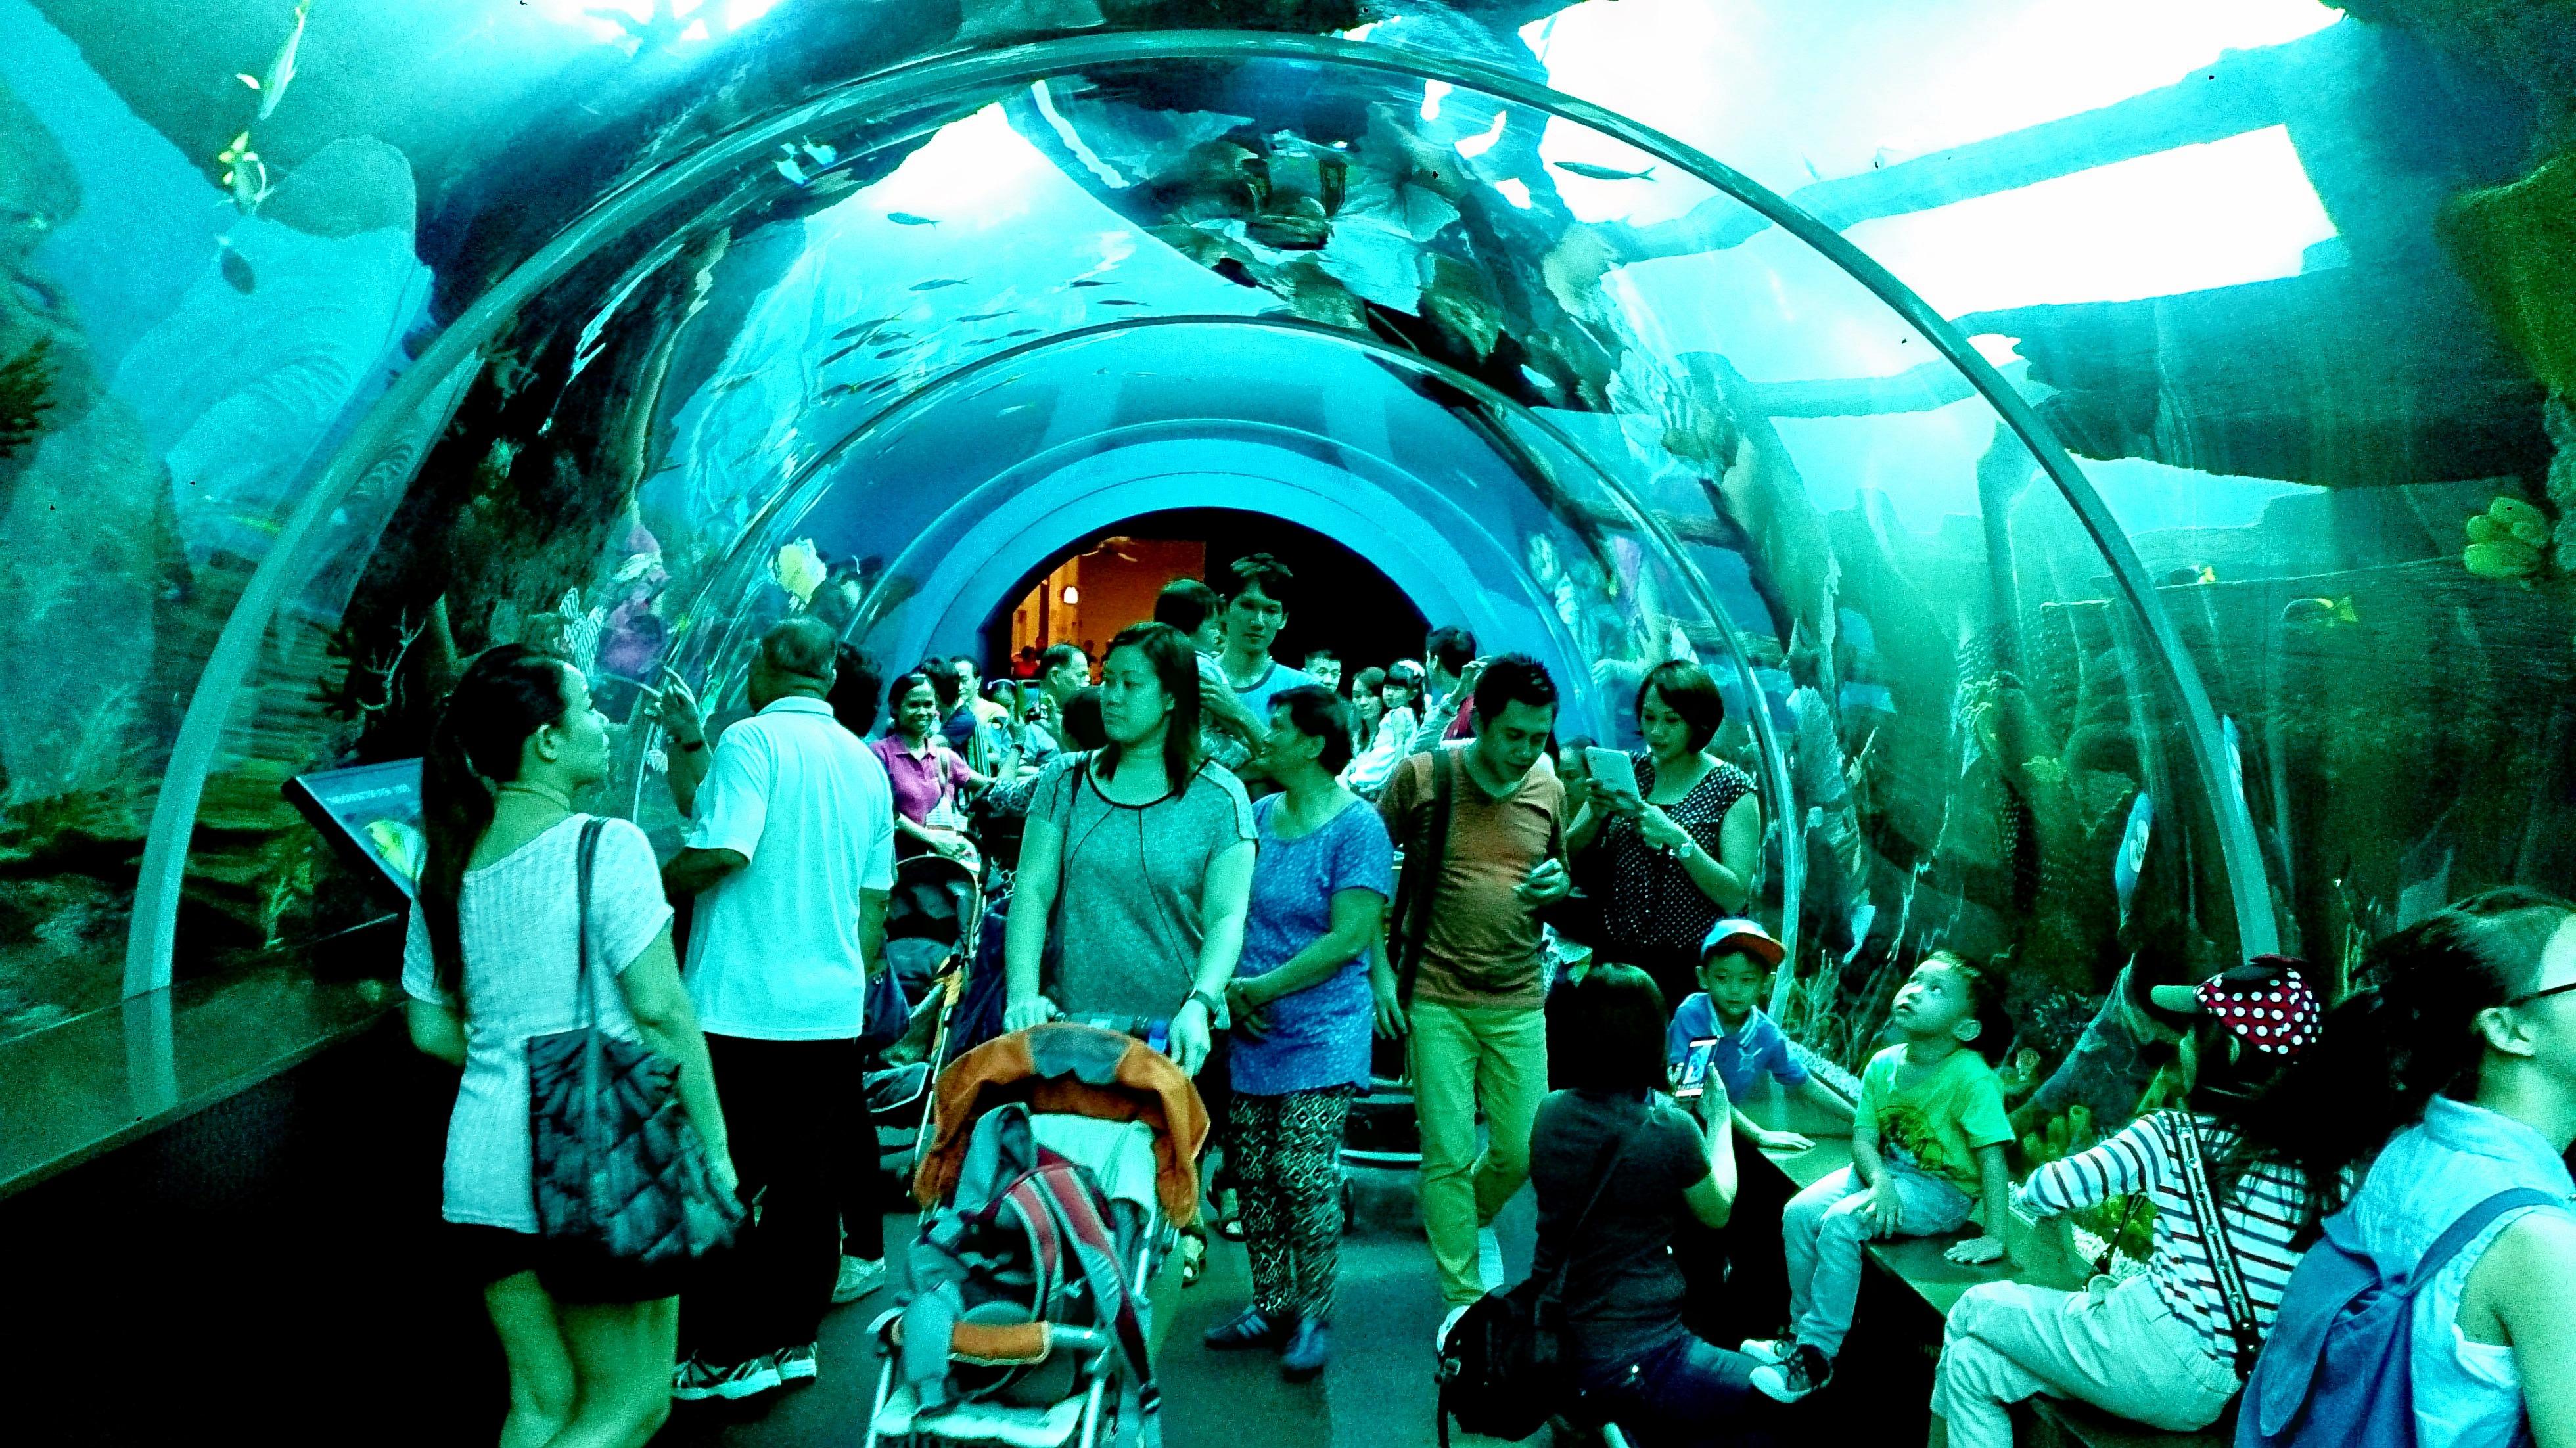 1465794075_sea_aquarium.jpg